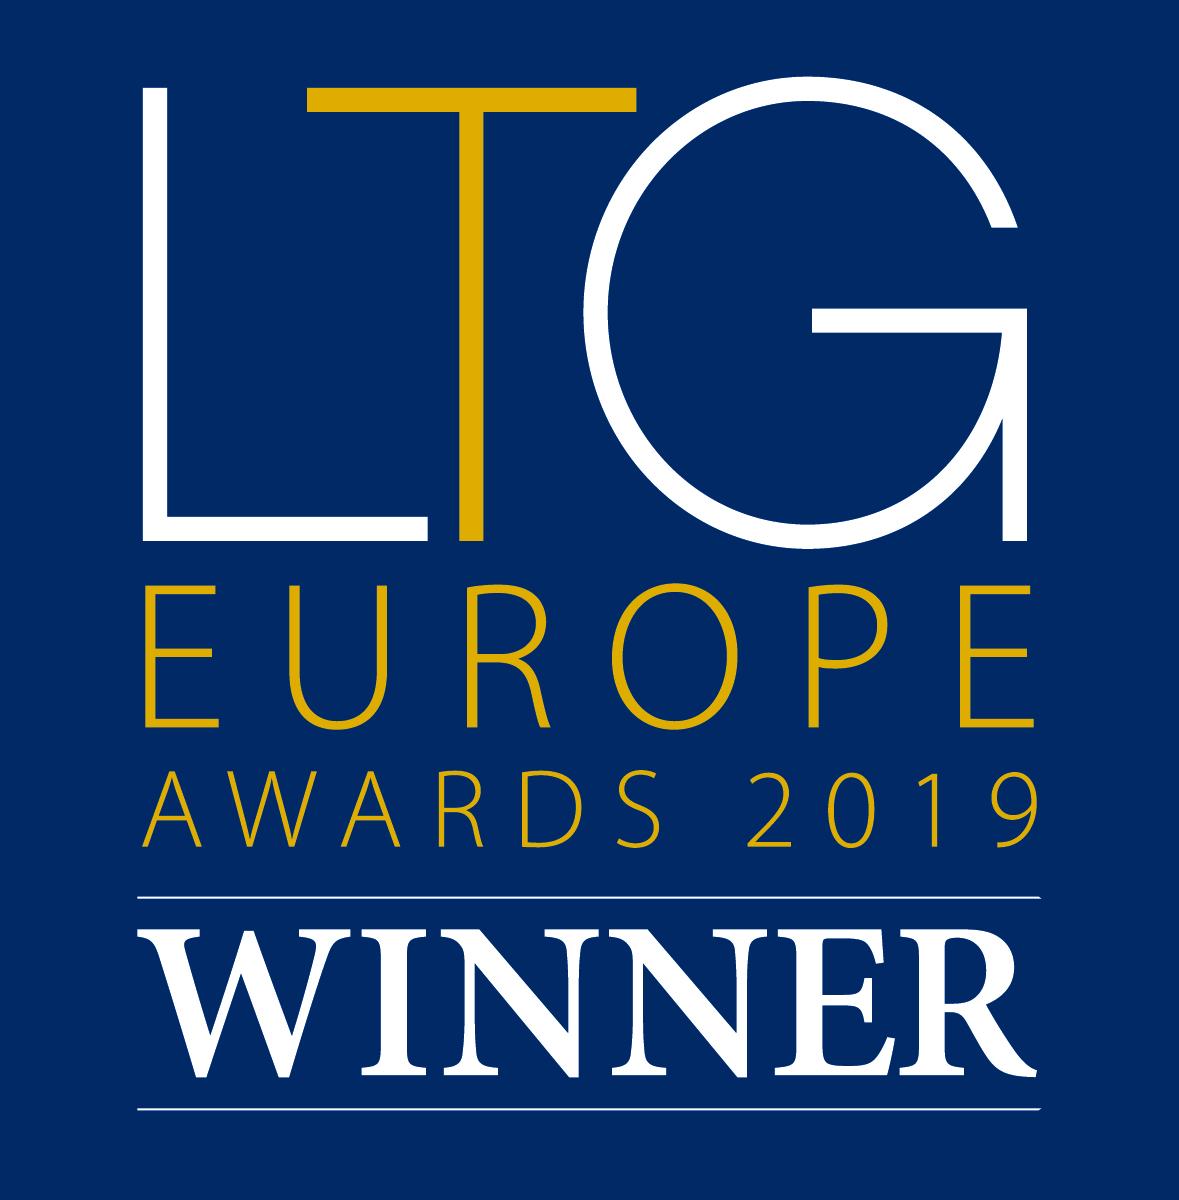 LTG-europre-awards-winner-2019